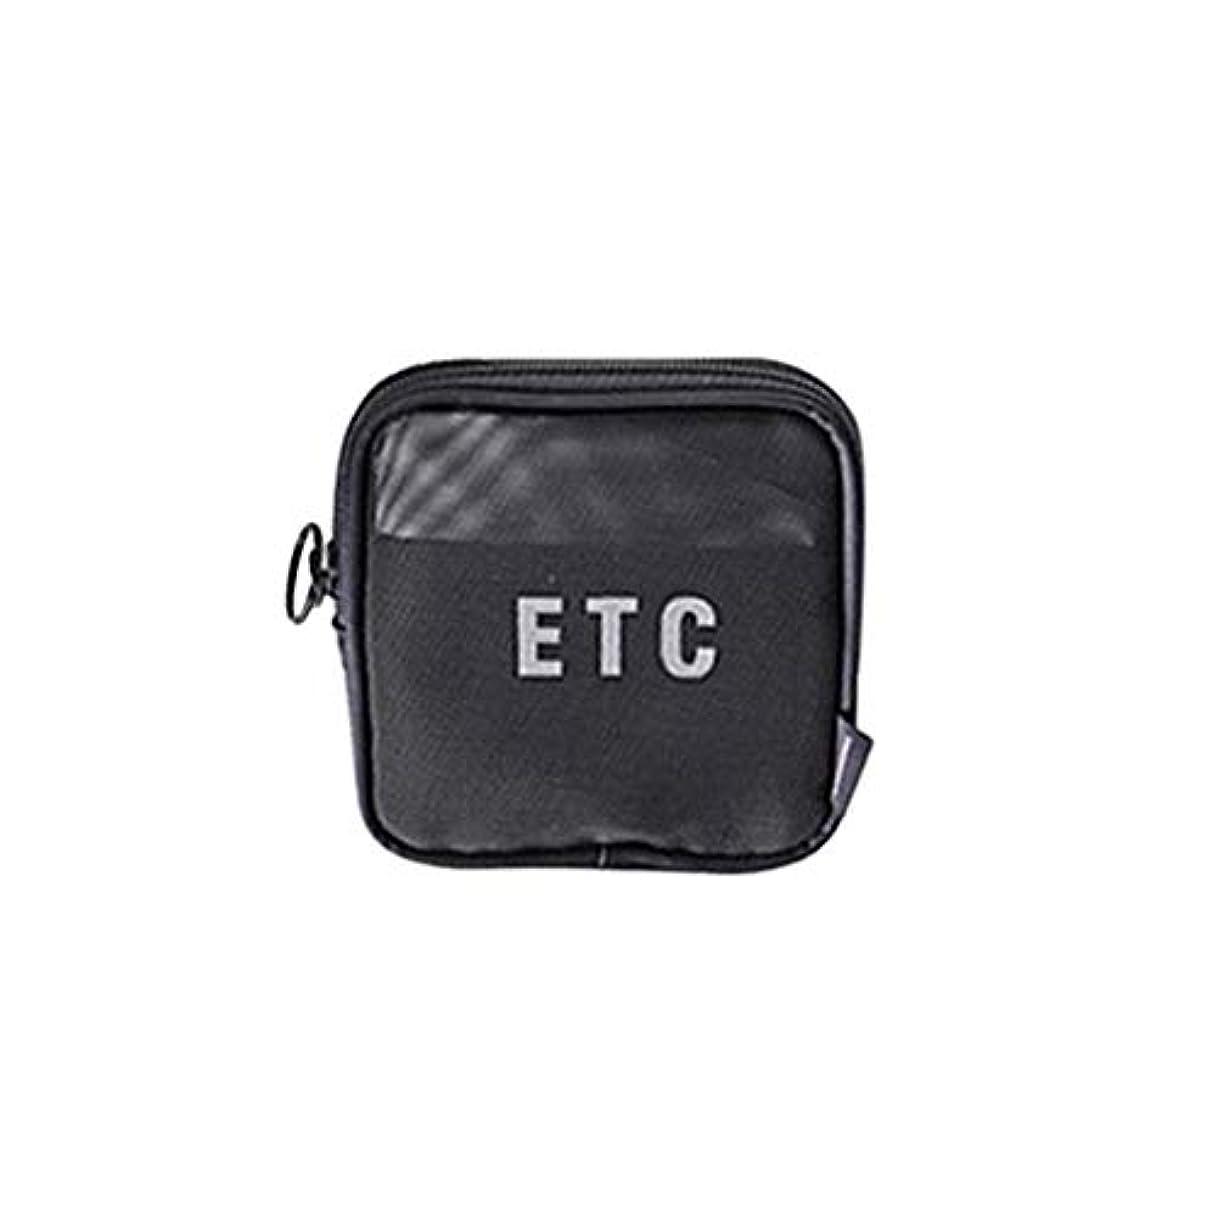 位置づける医学叫び声メイクバッグ Akane ETC 新しい ネット アウトドア 実用的 高品質 多機能 通気 半透明 便利 家用 旅行 ビーチ 化粧バッグ (スモールサイズ)